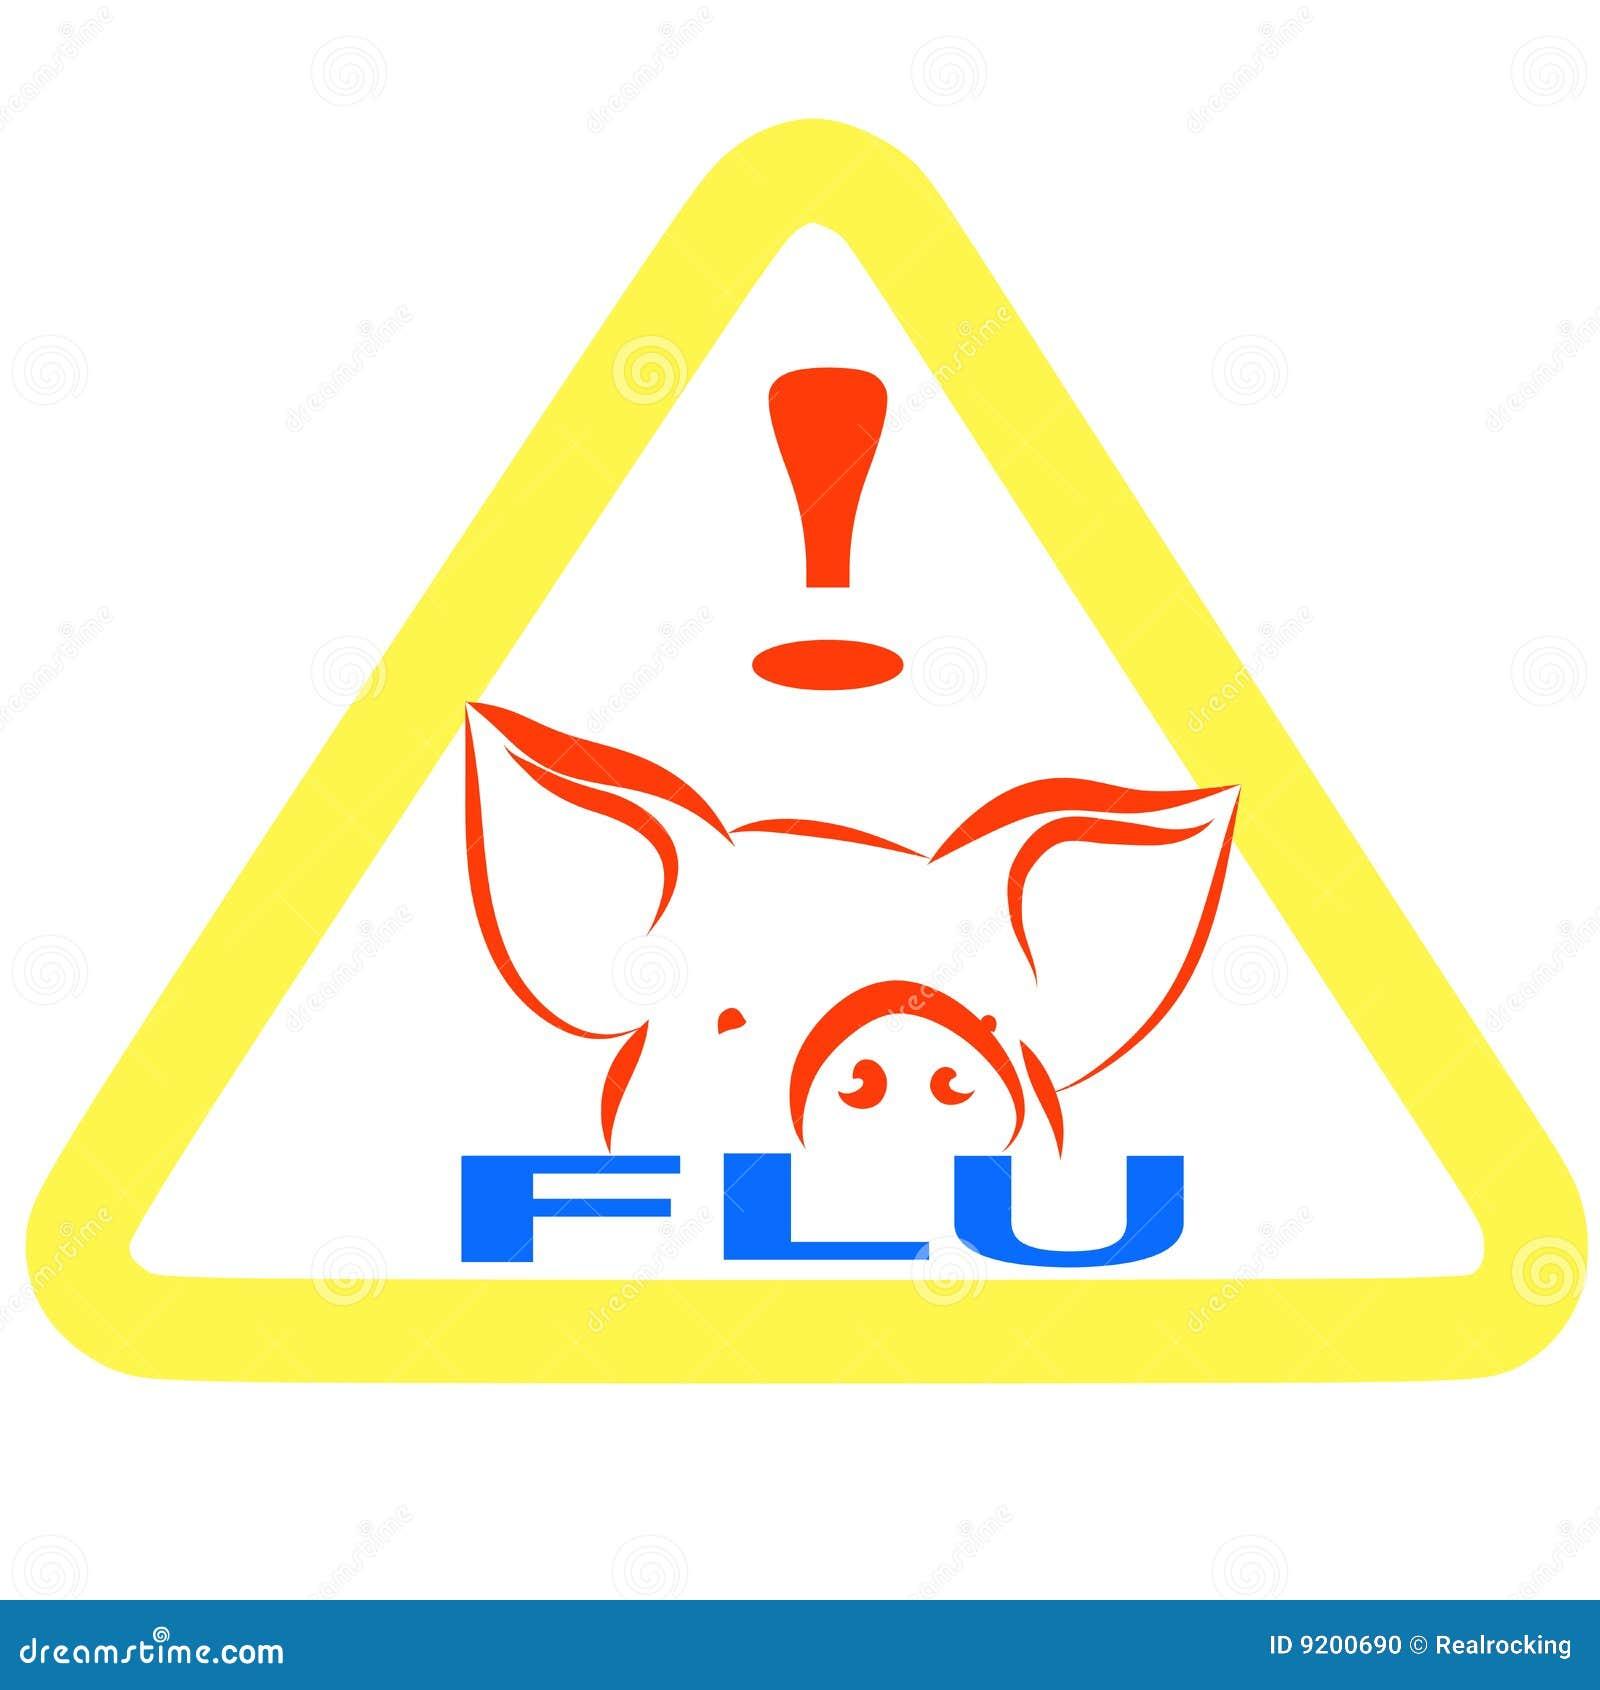 流感符号猪符号警告.图片